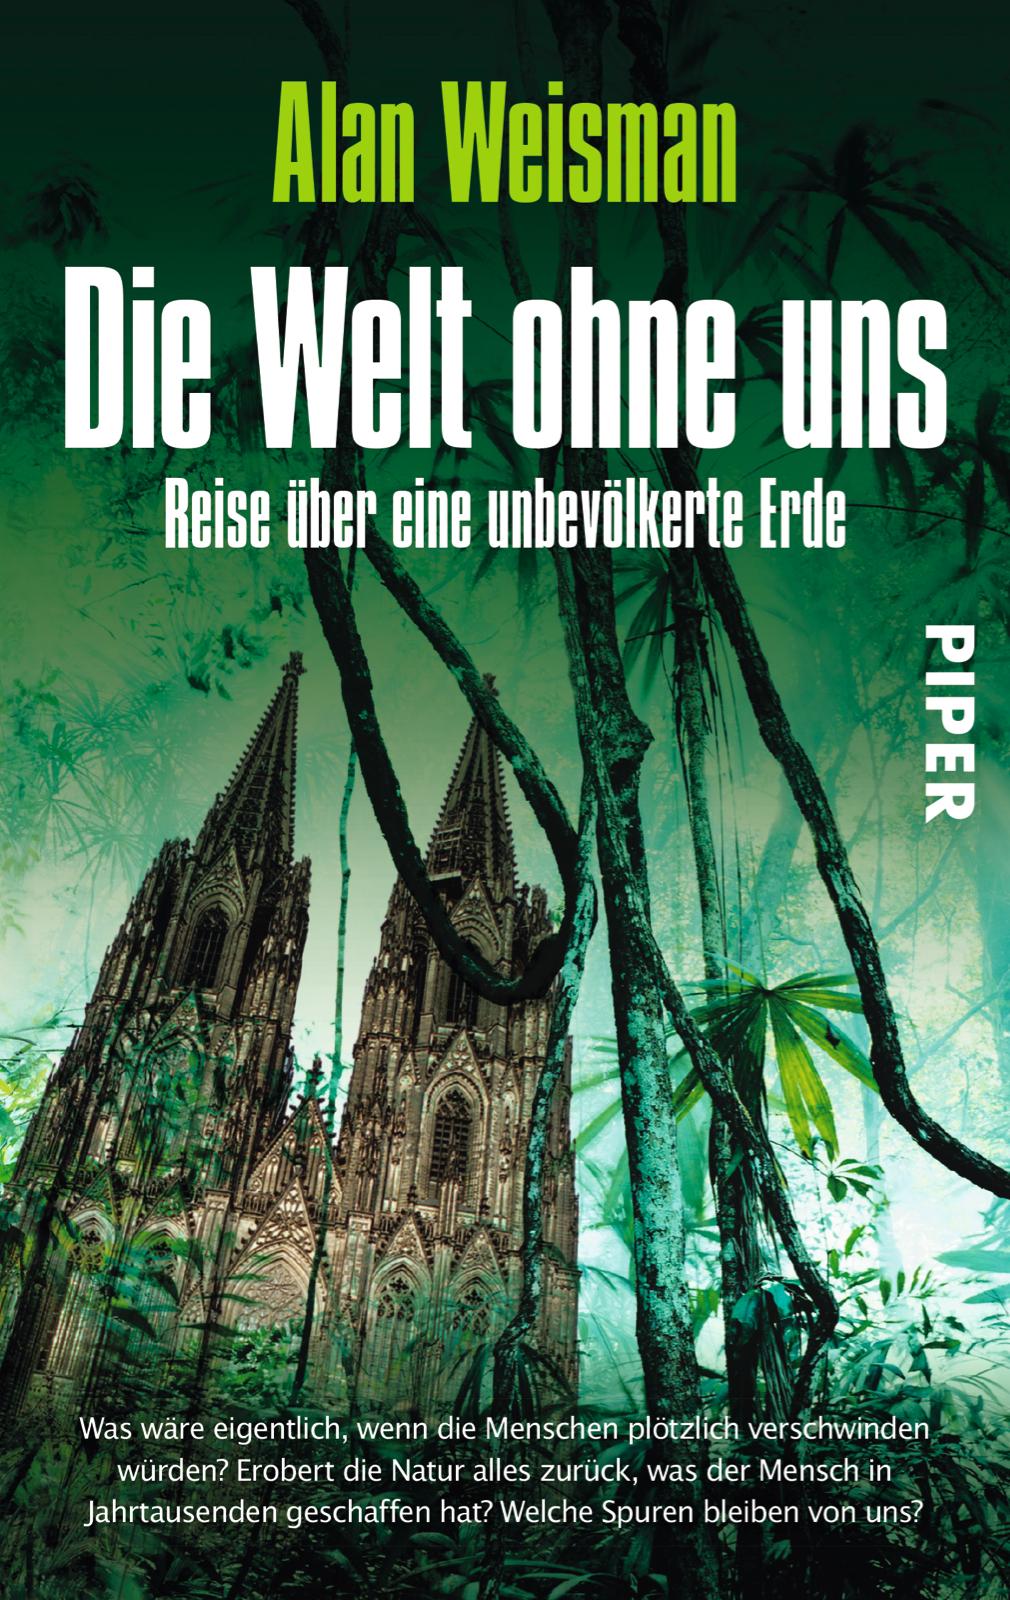 Die Welt ohne uns: Reise über eine unbevölkerte Erde - Alan Weisman